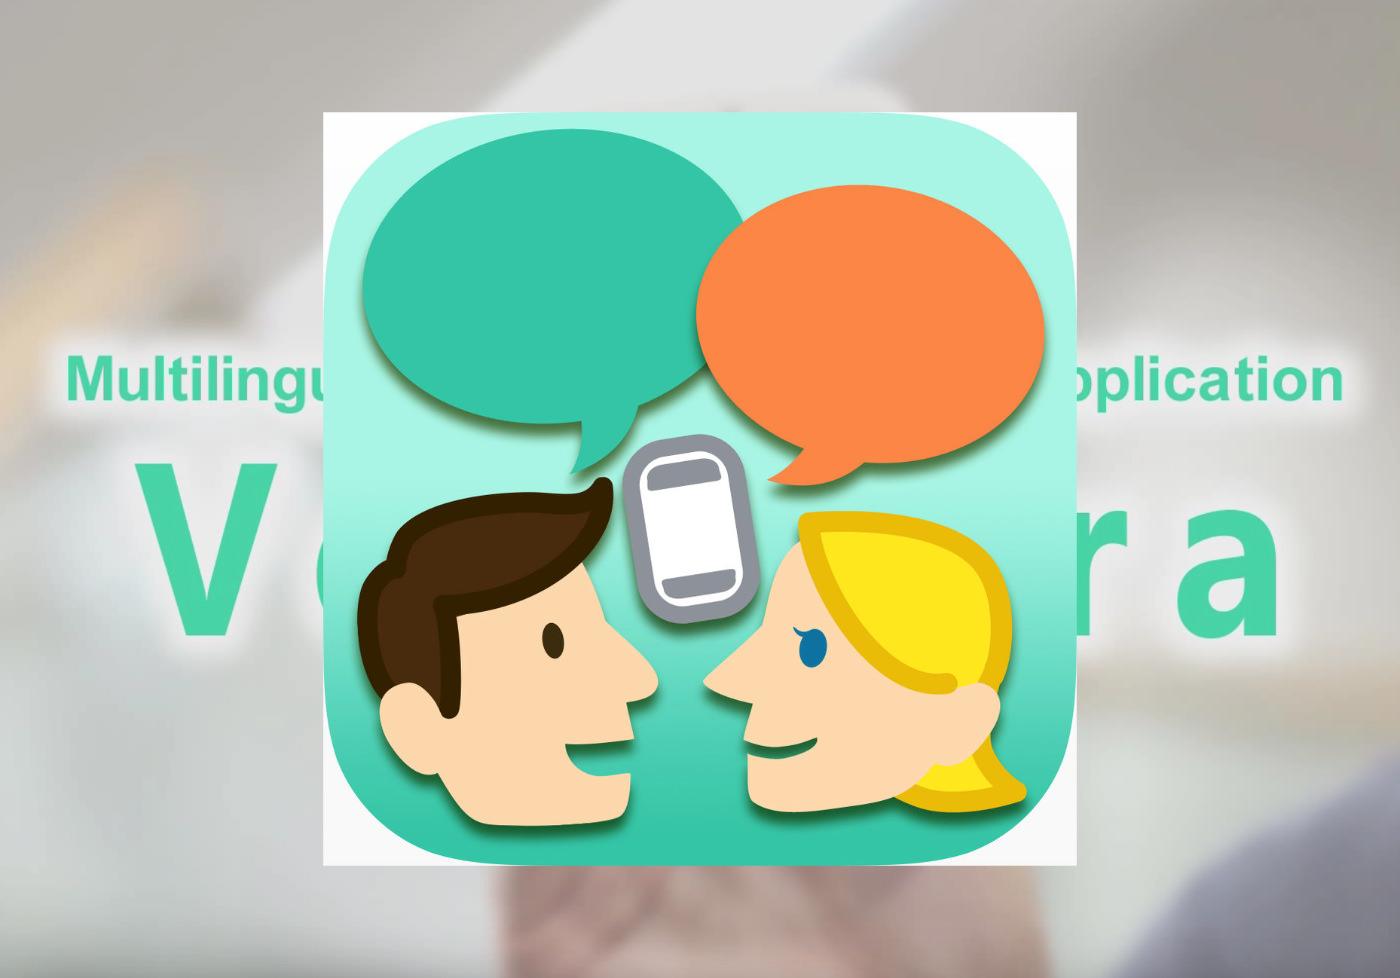 [アプリ]音声翻訳アプリ「VoiceTra」が秀逸で活躍の場面が多そうな件